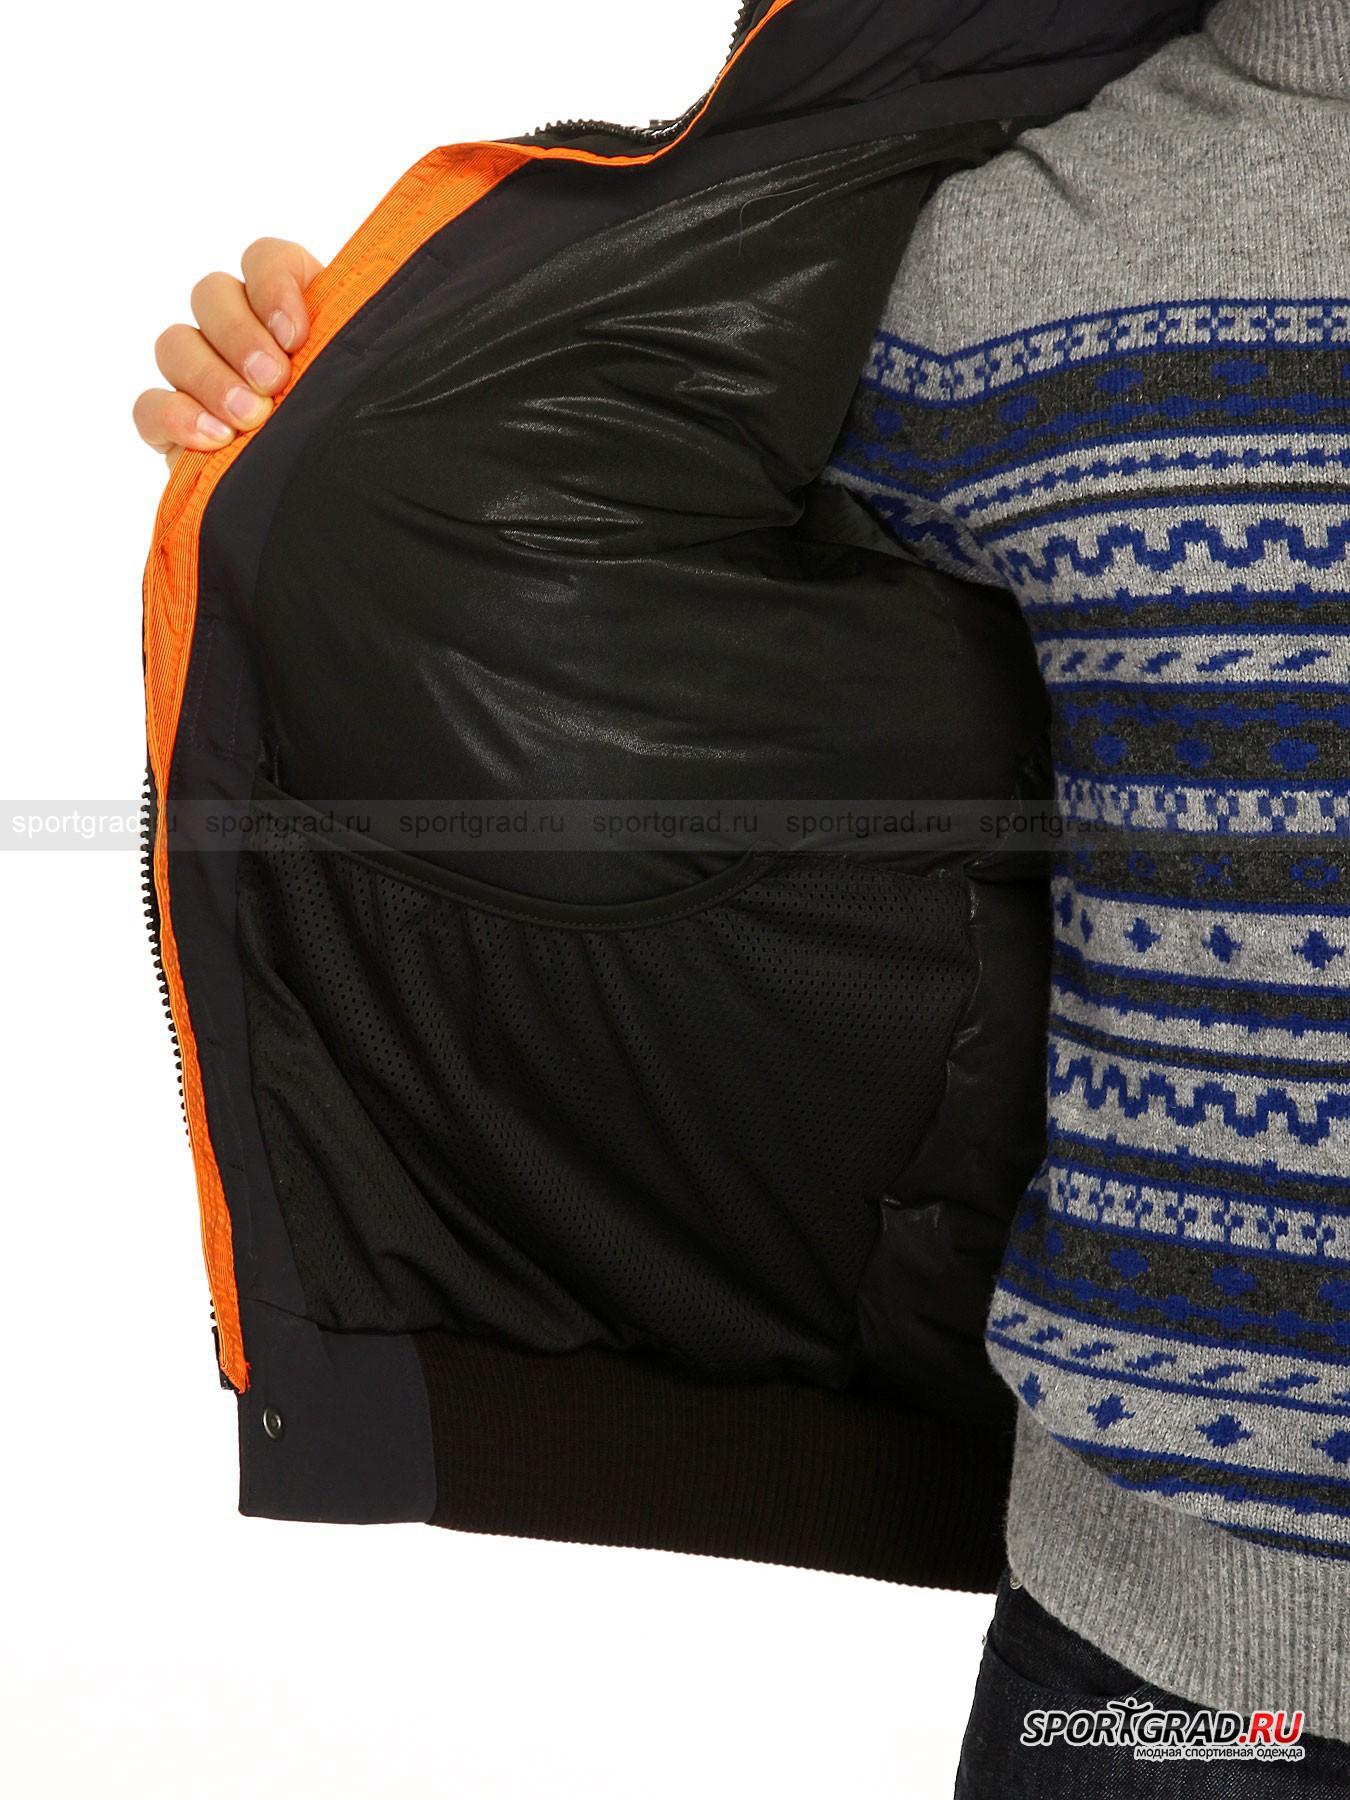 Куртка мужская утепленная Desna OSC для городских морозов от Спортград